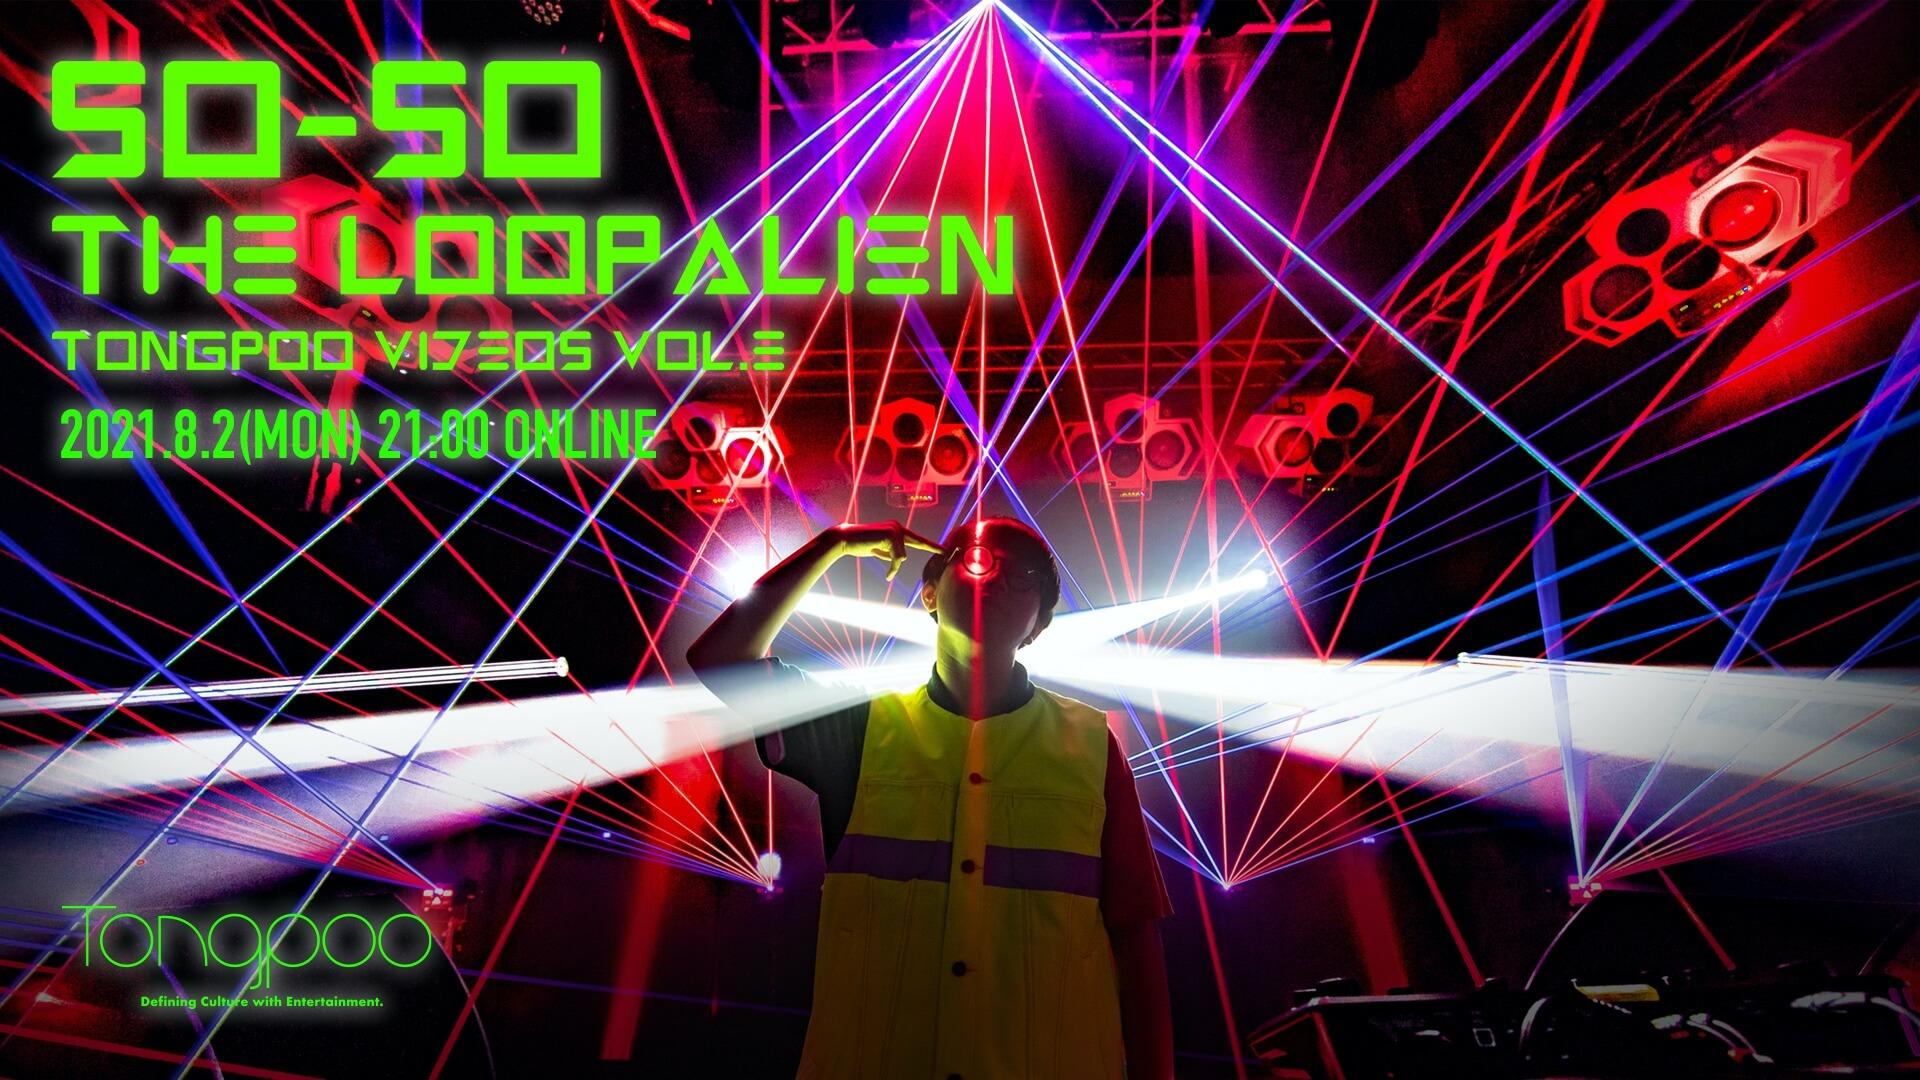 ヒューマンビートボクサーSO-SO初の撮り下ろしライブ映像『SO-SO THE LOOP ALIEN』がTongpooから有料配信!マザーファッ子が監督 music_210708_so-so1